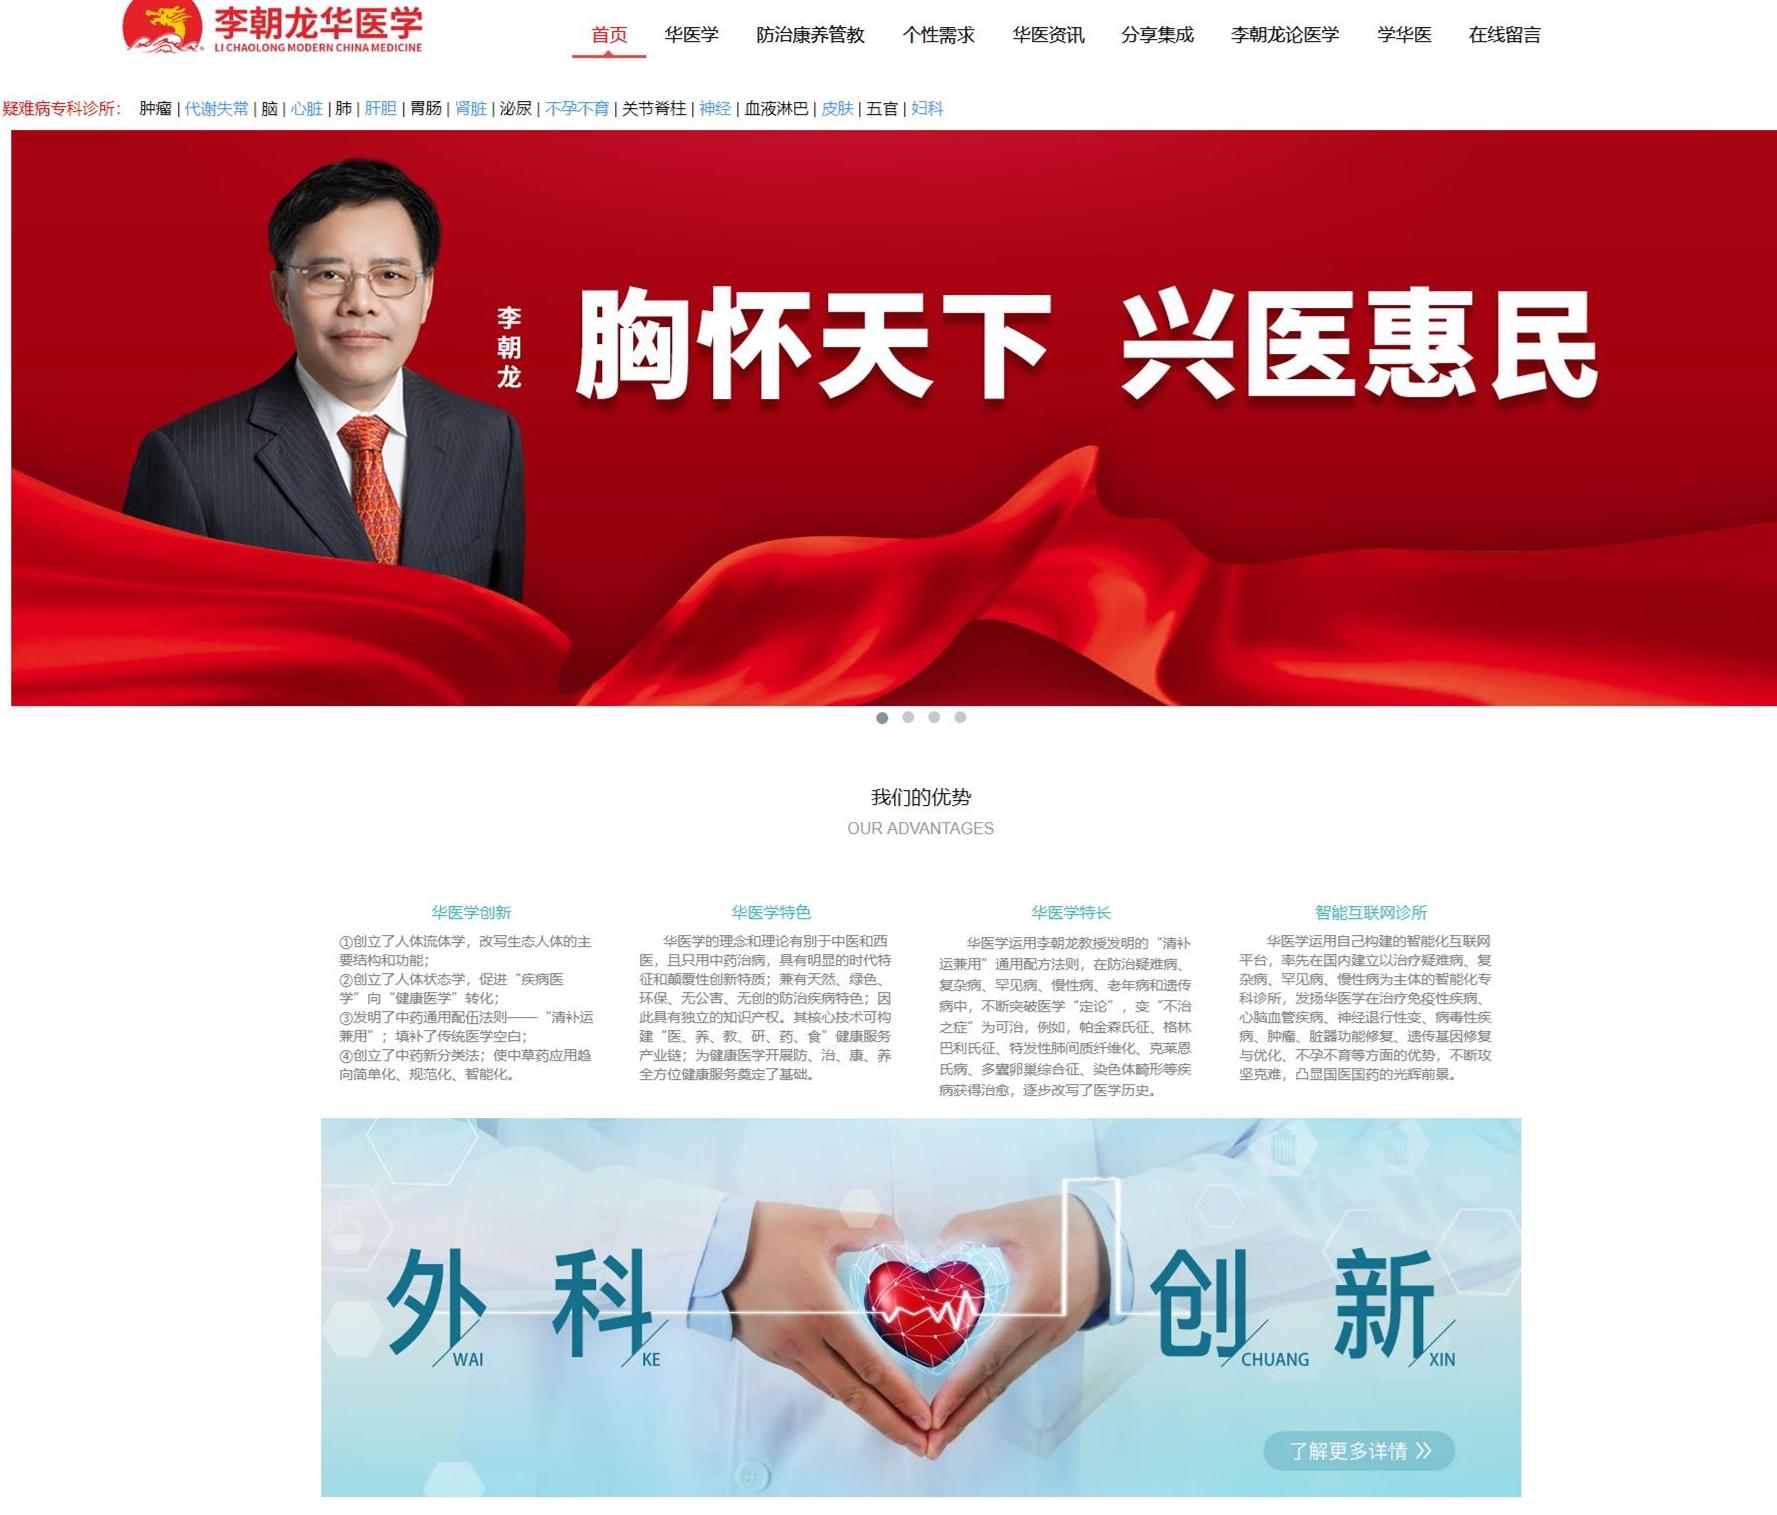 华医学(广州李朝龙智能健康科技发展有限公司)